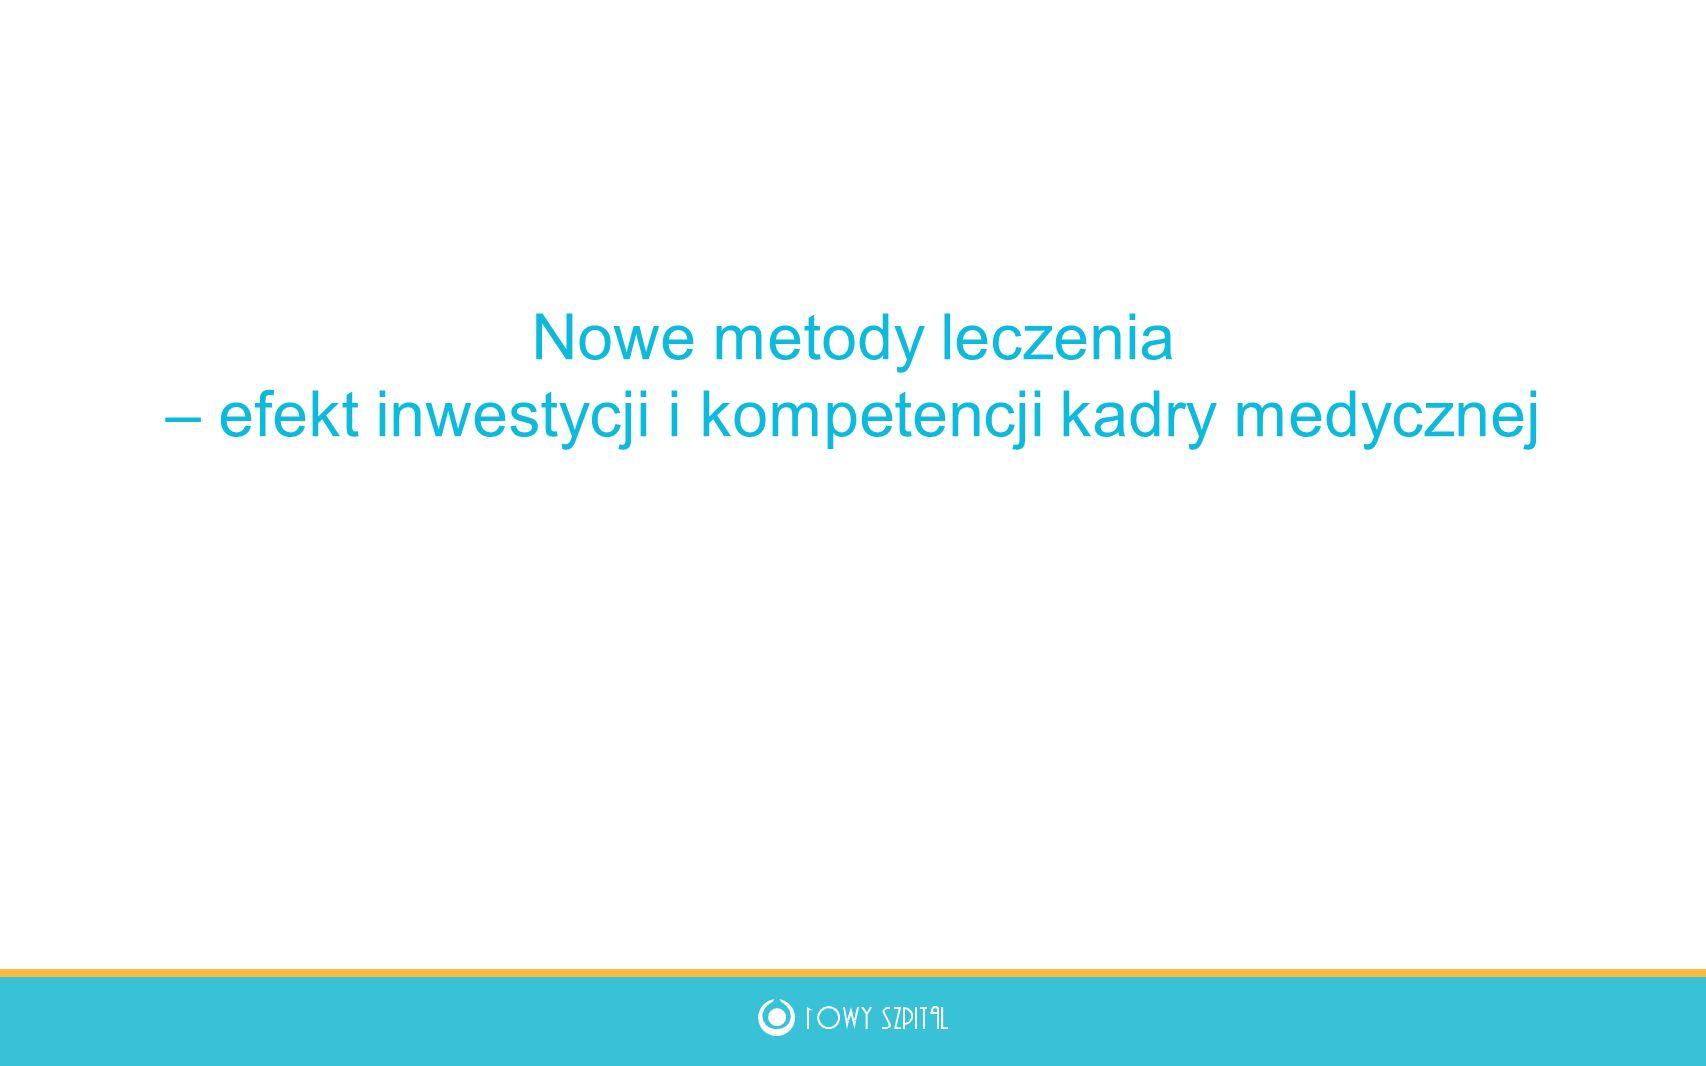 Nowe metody leczenia – efekt inwestycji i kompetencji kadry medycznej